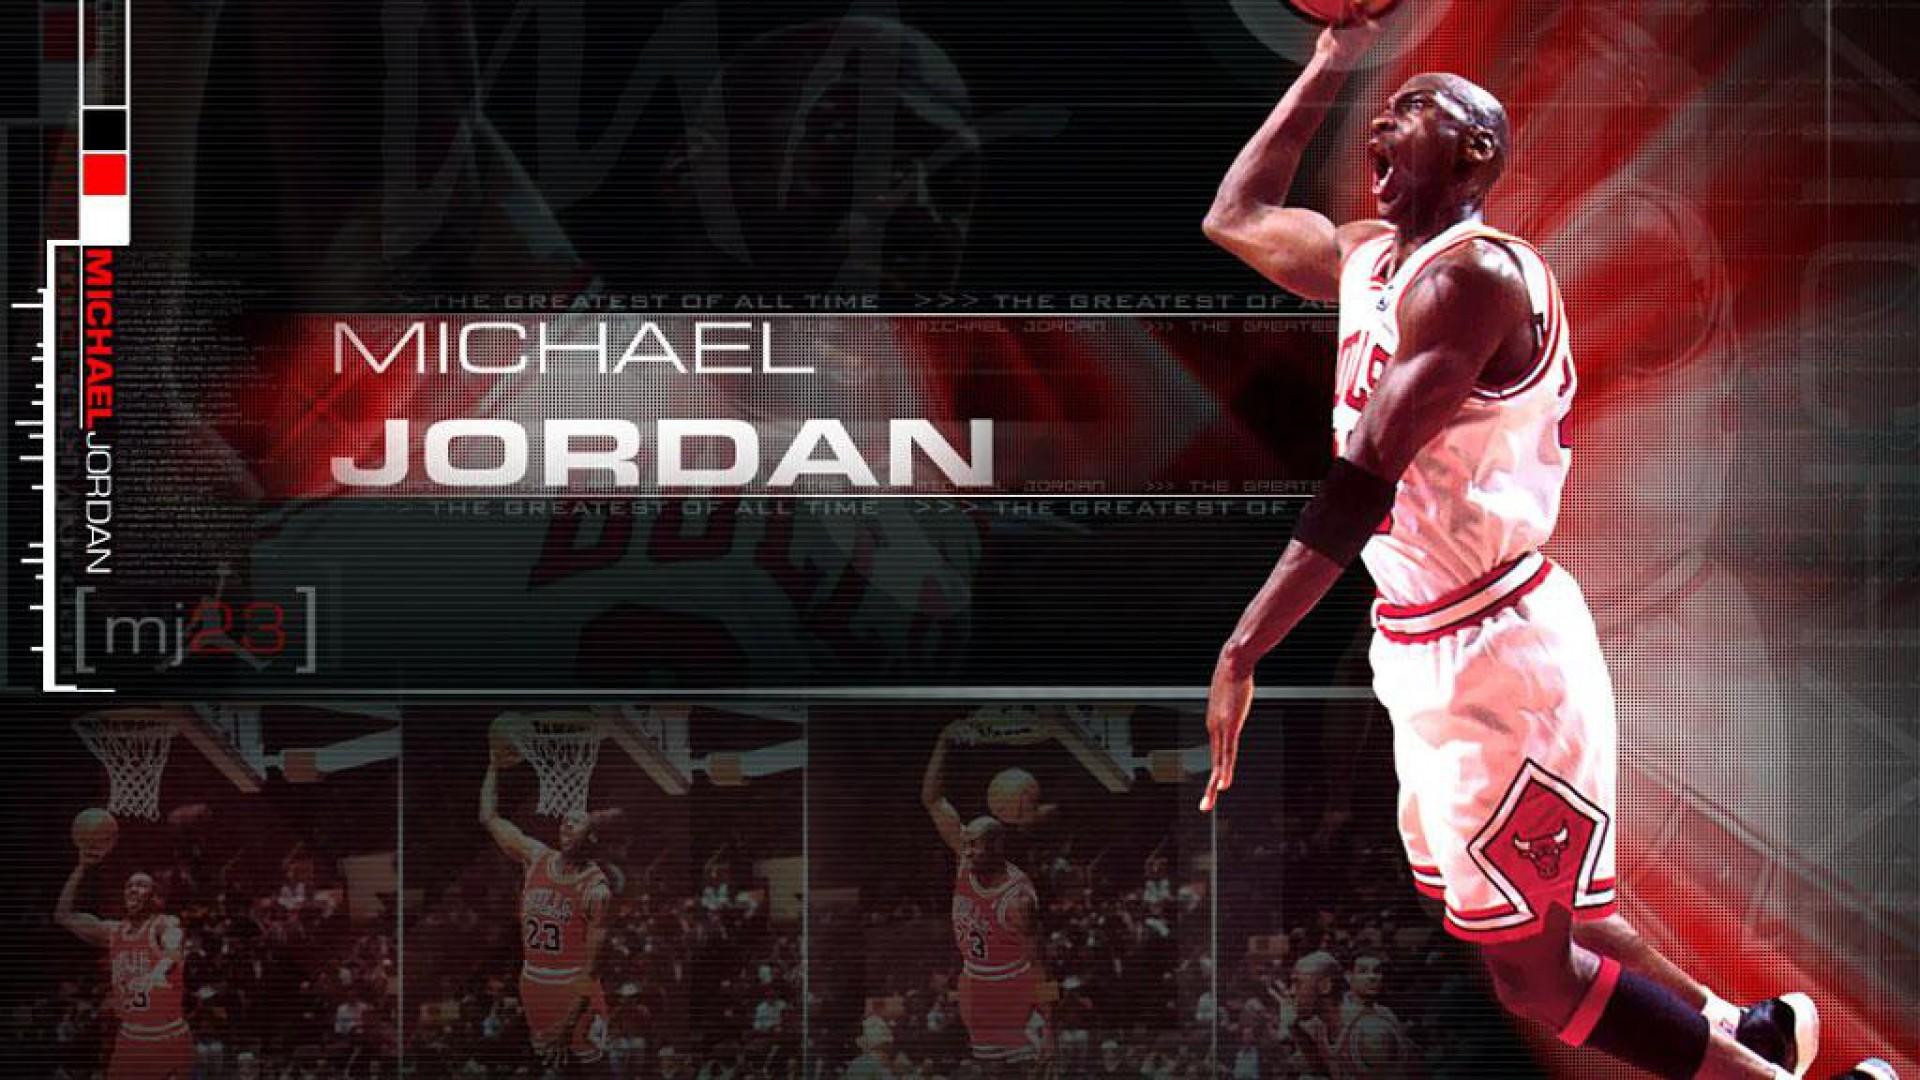 Air Jordan Iphone Wallpaper 1600×900 Jordan Wallpapers Download (47  Wallpapers)   Adorable